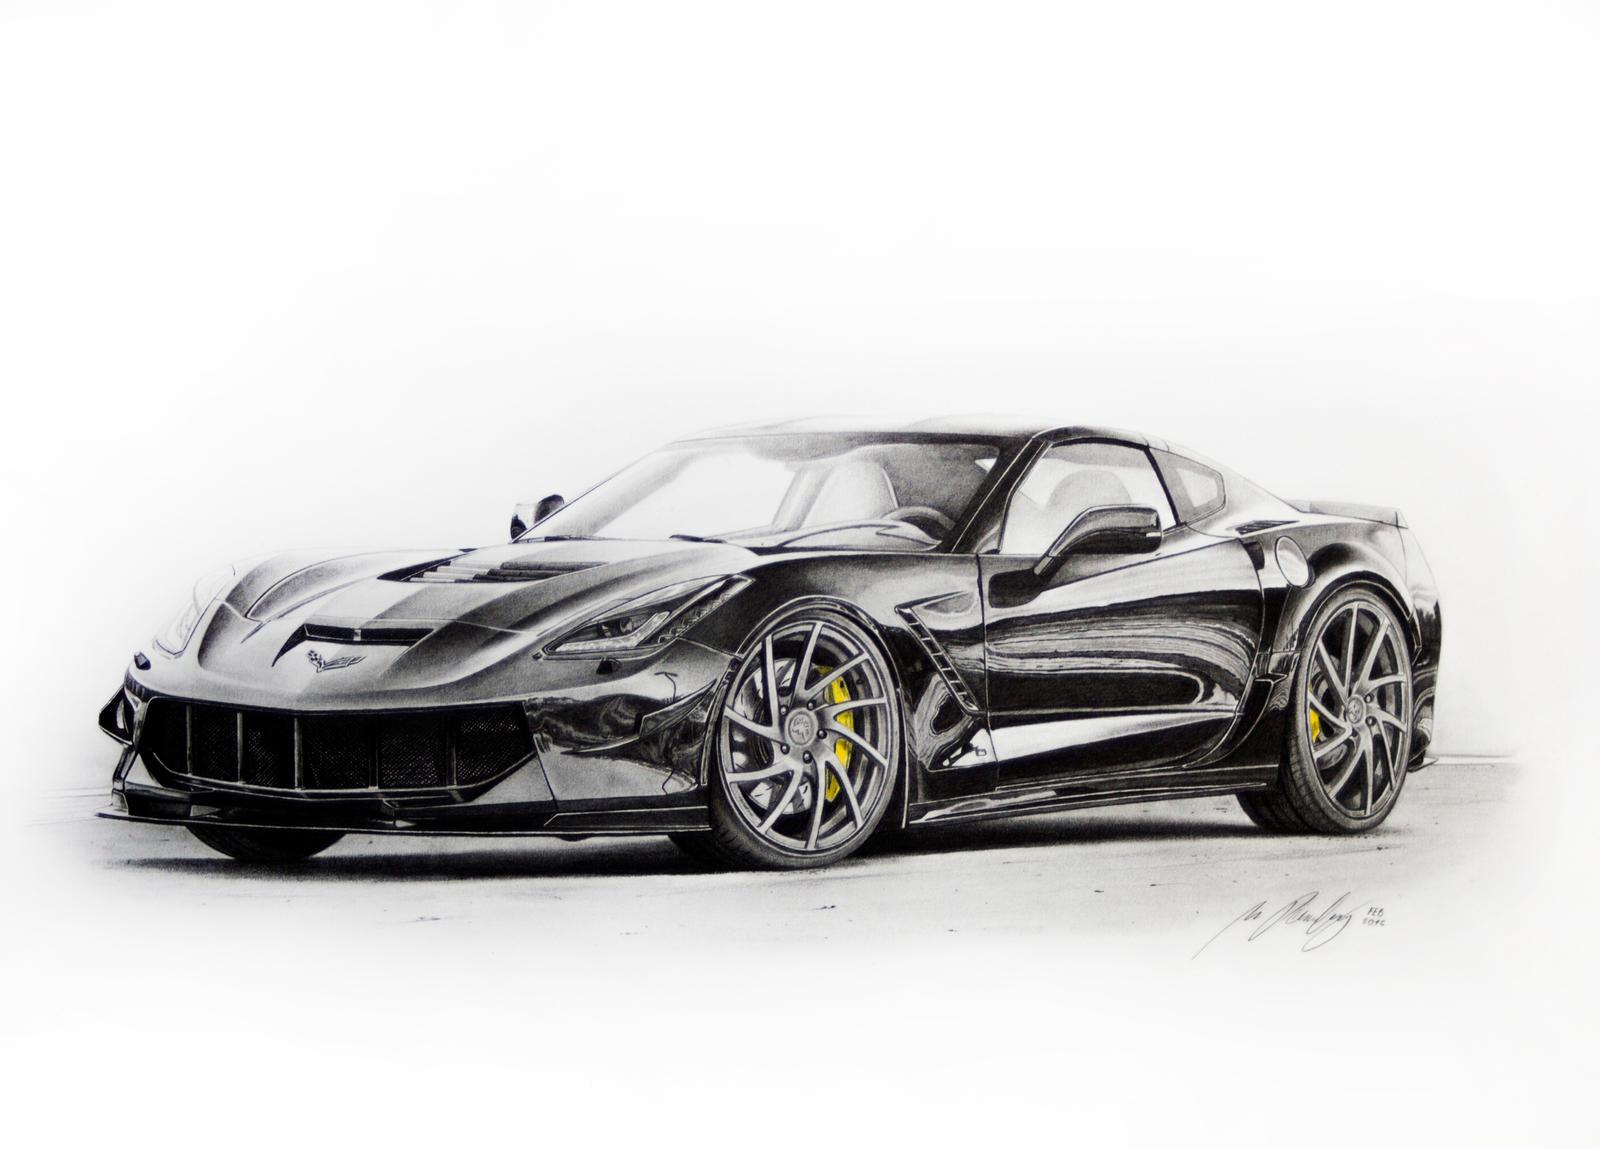 corvette_zr1_by_mipo_design-d9qyt61.jpg